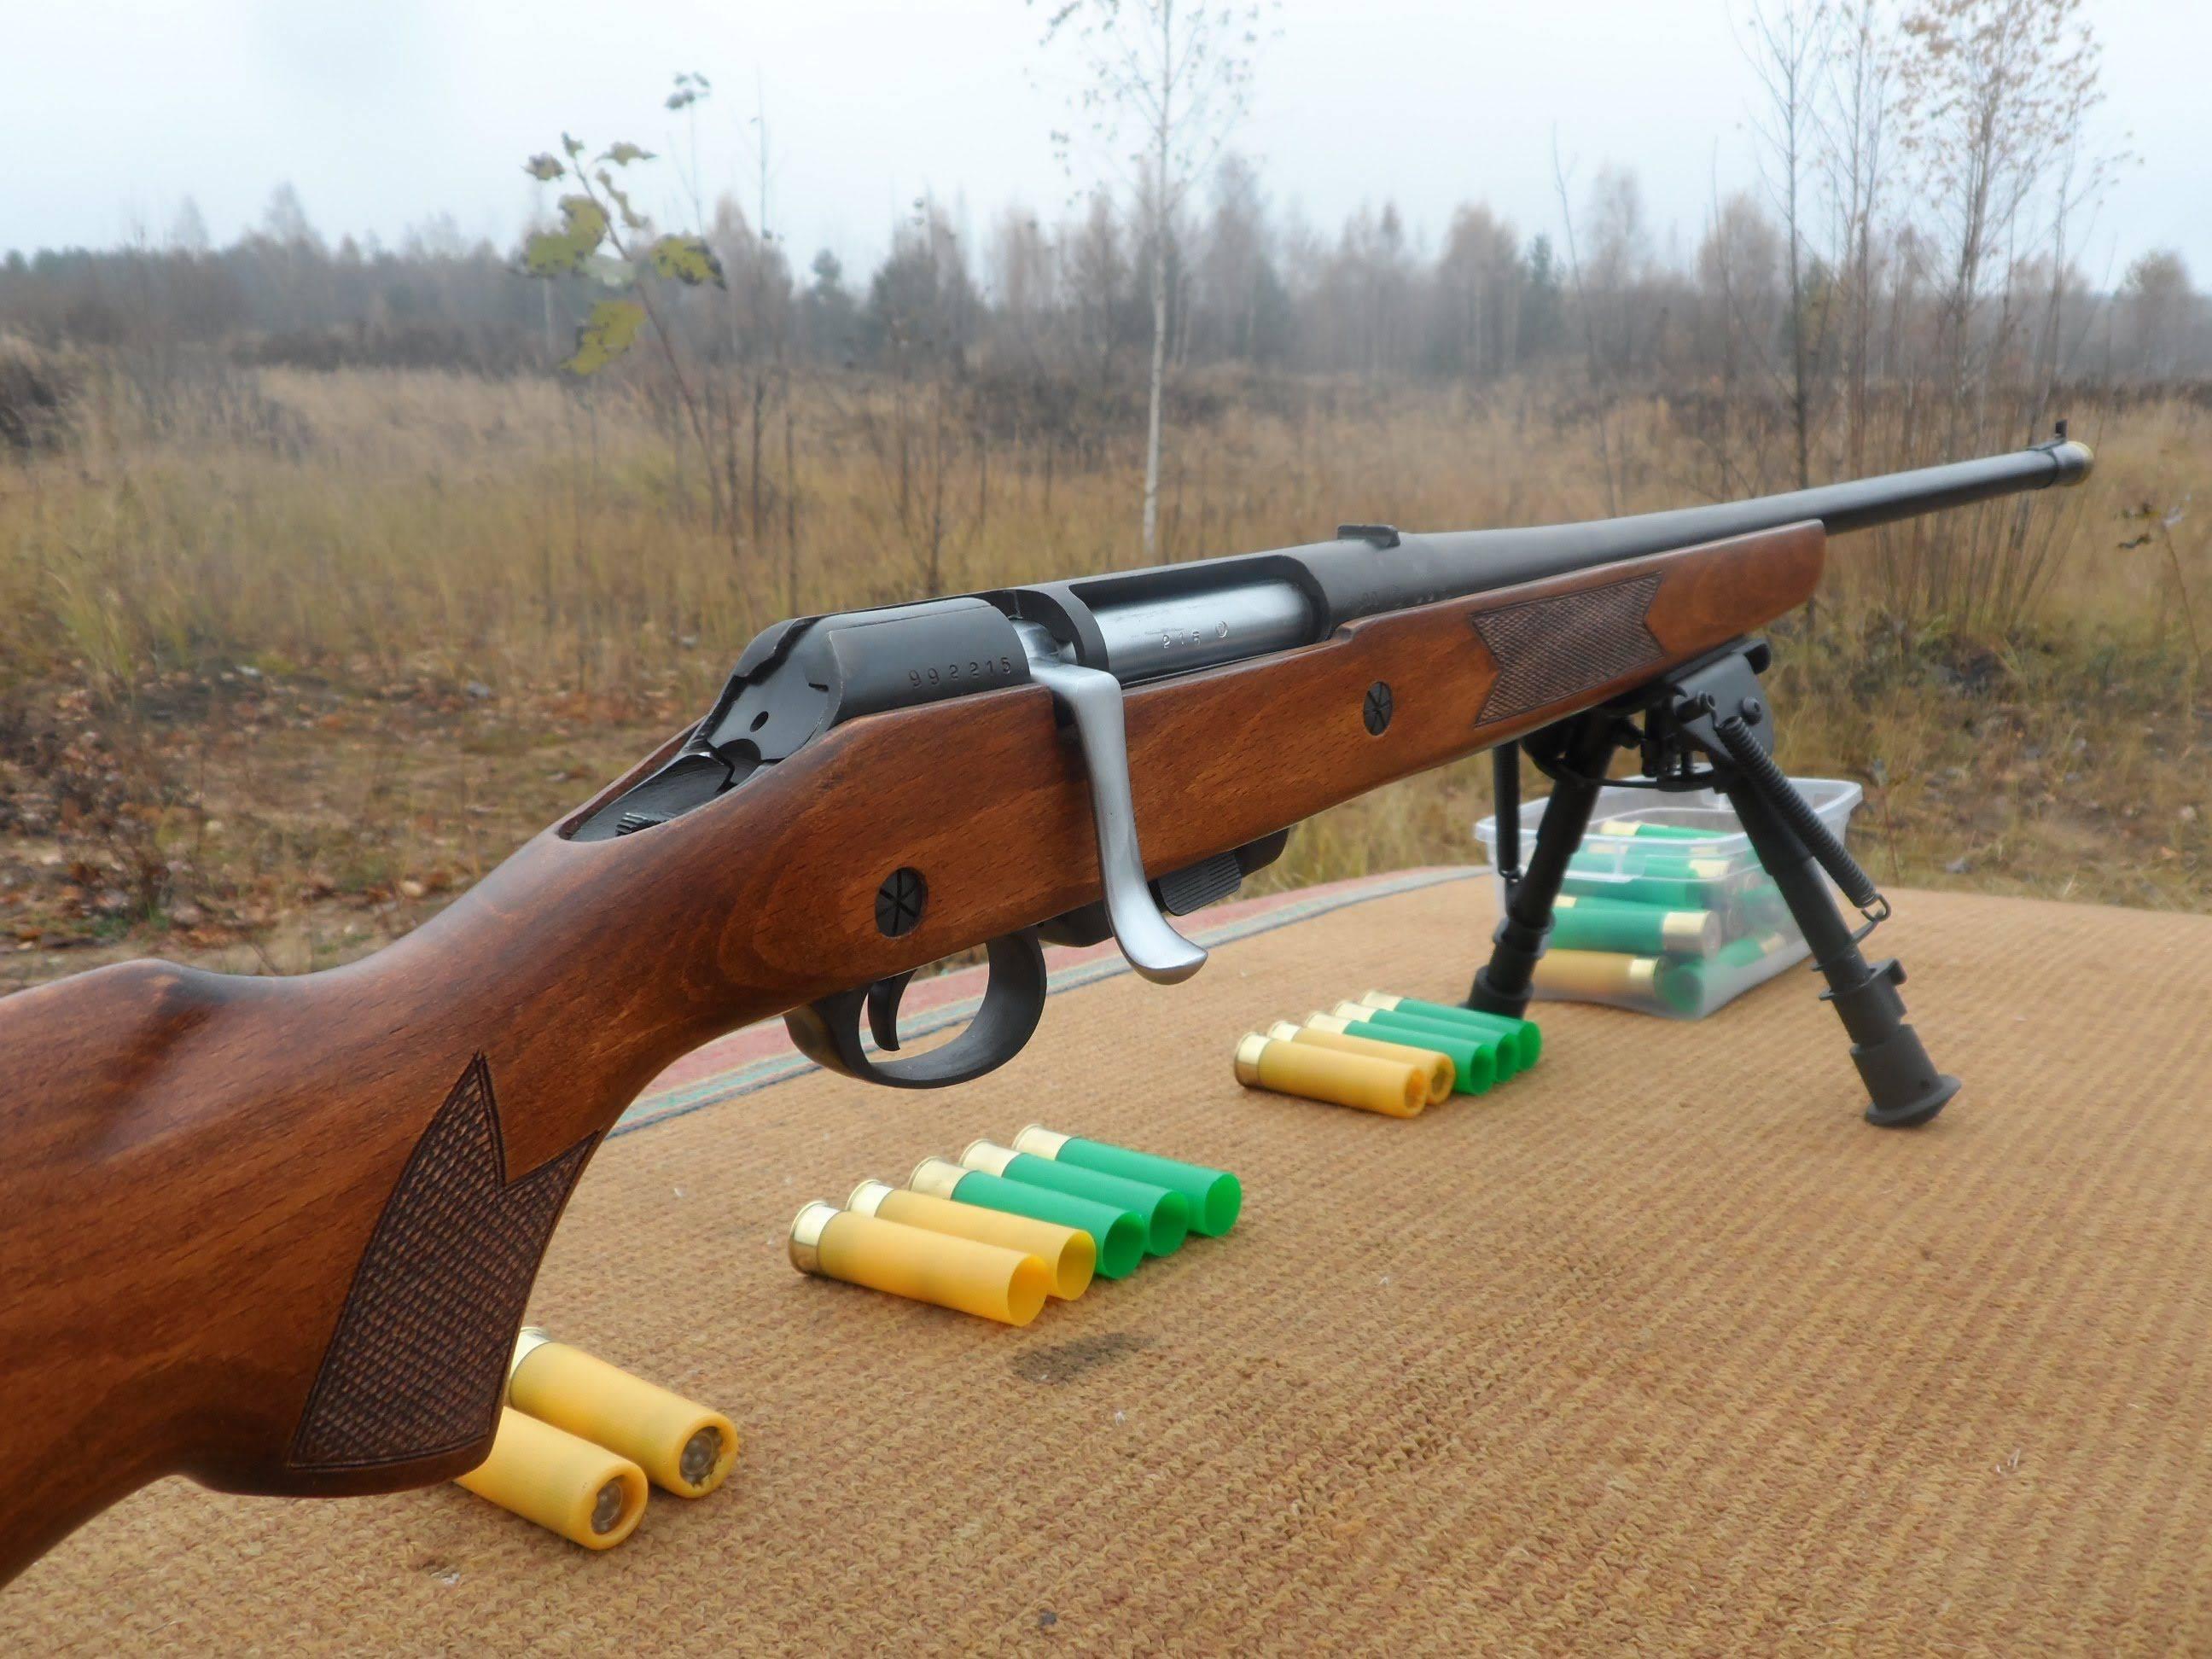 Самозарядное охотничье ружье мц - 21-12